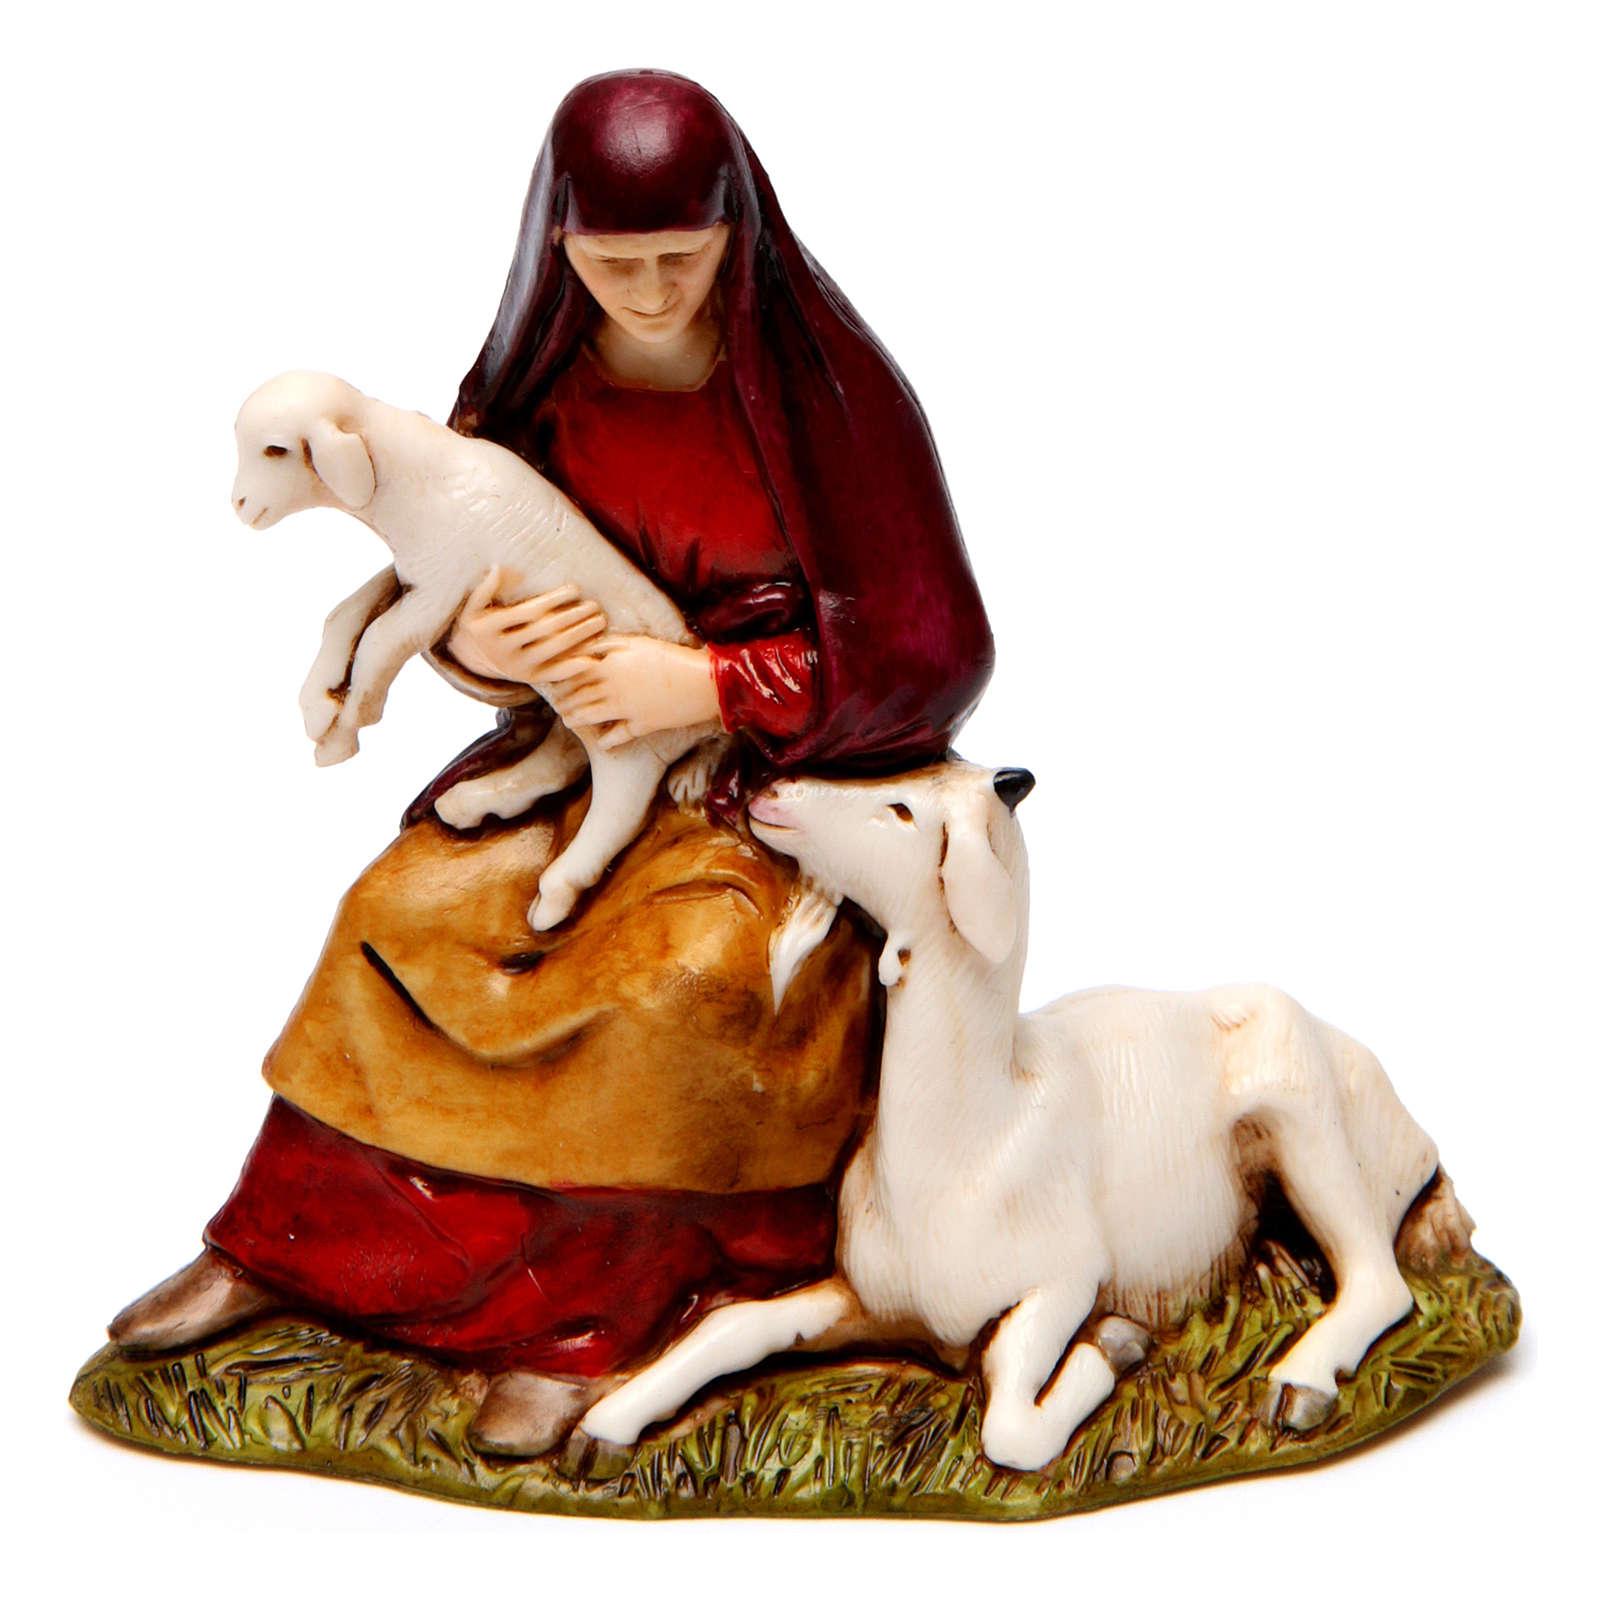 Joueur de cornemuse homme émerveillé femme avec chèvre 8 cm Moranduzzo style historique 4